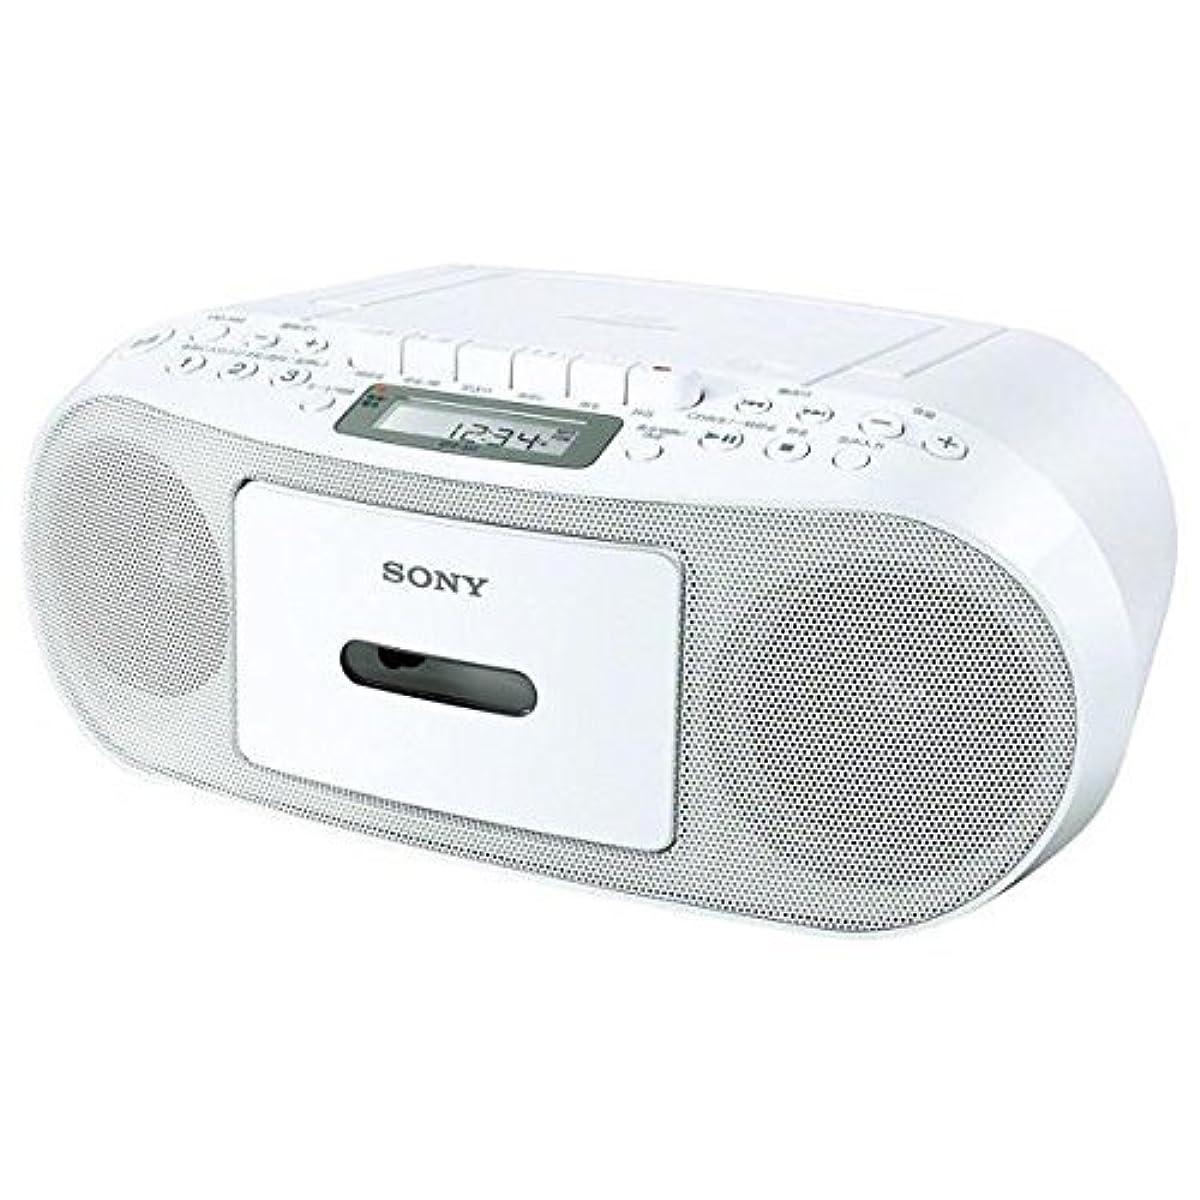 [해외] 소니 CD 라디오 카세트 CFD-S51/W